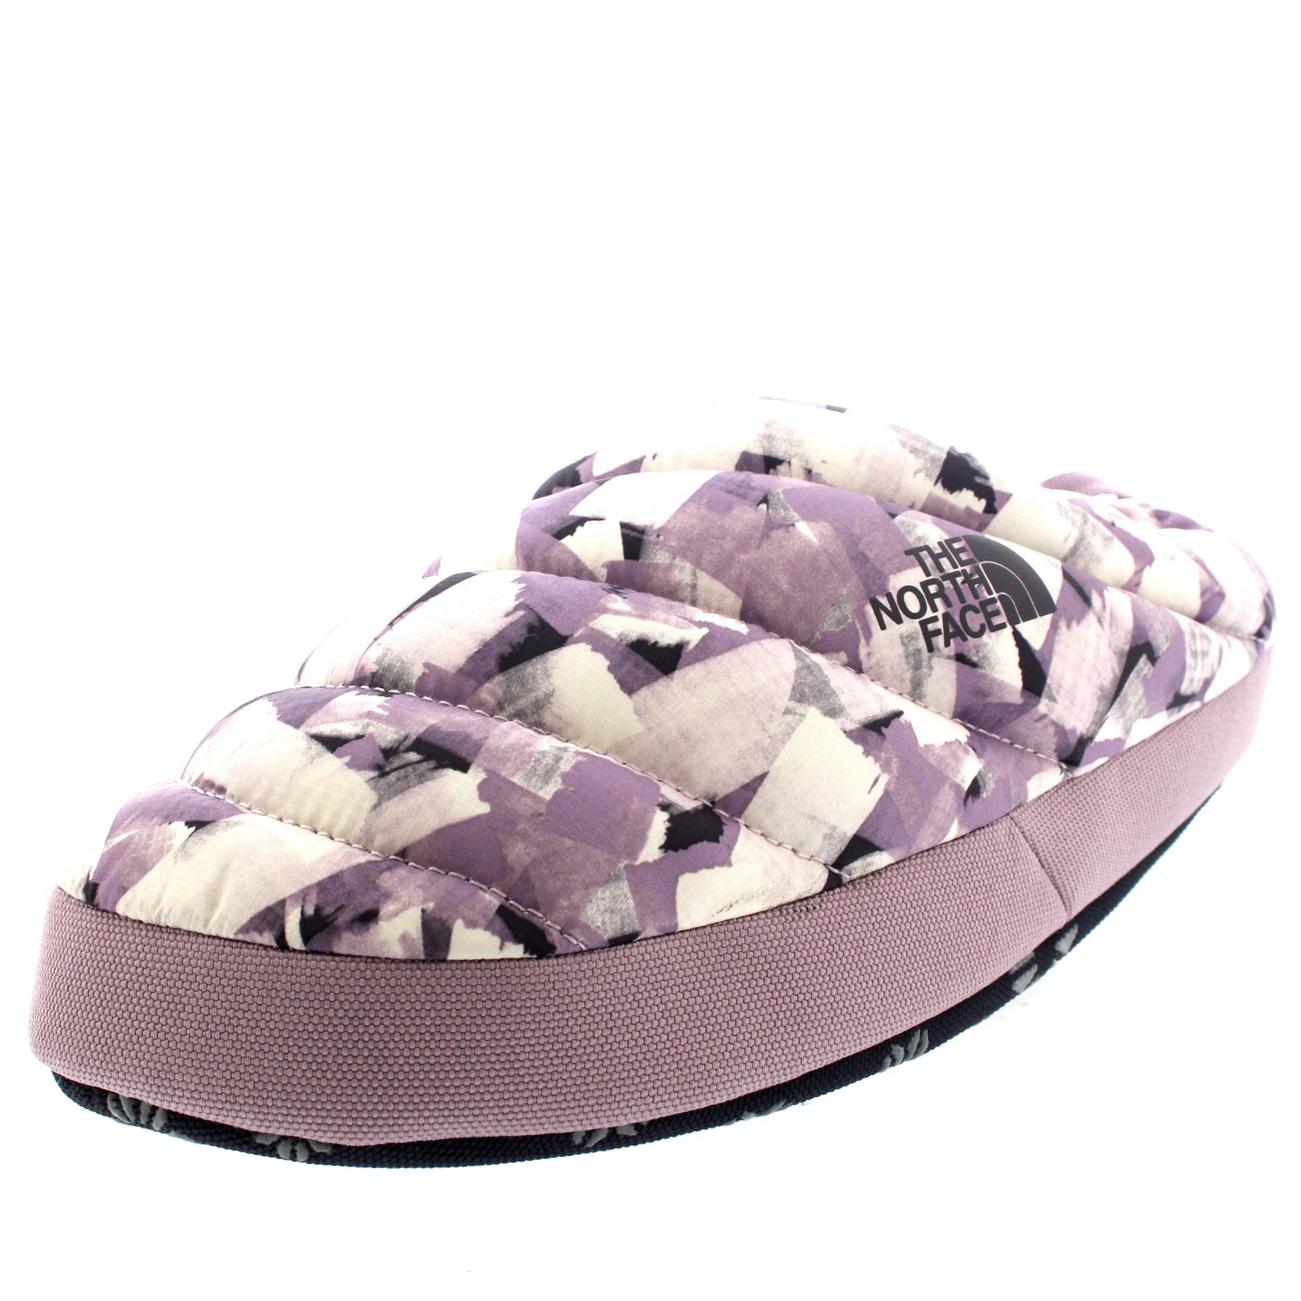 Keen Cush Shoes